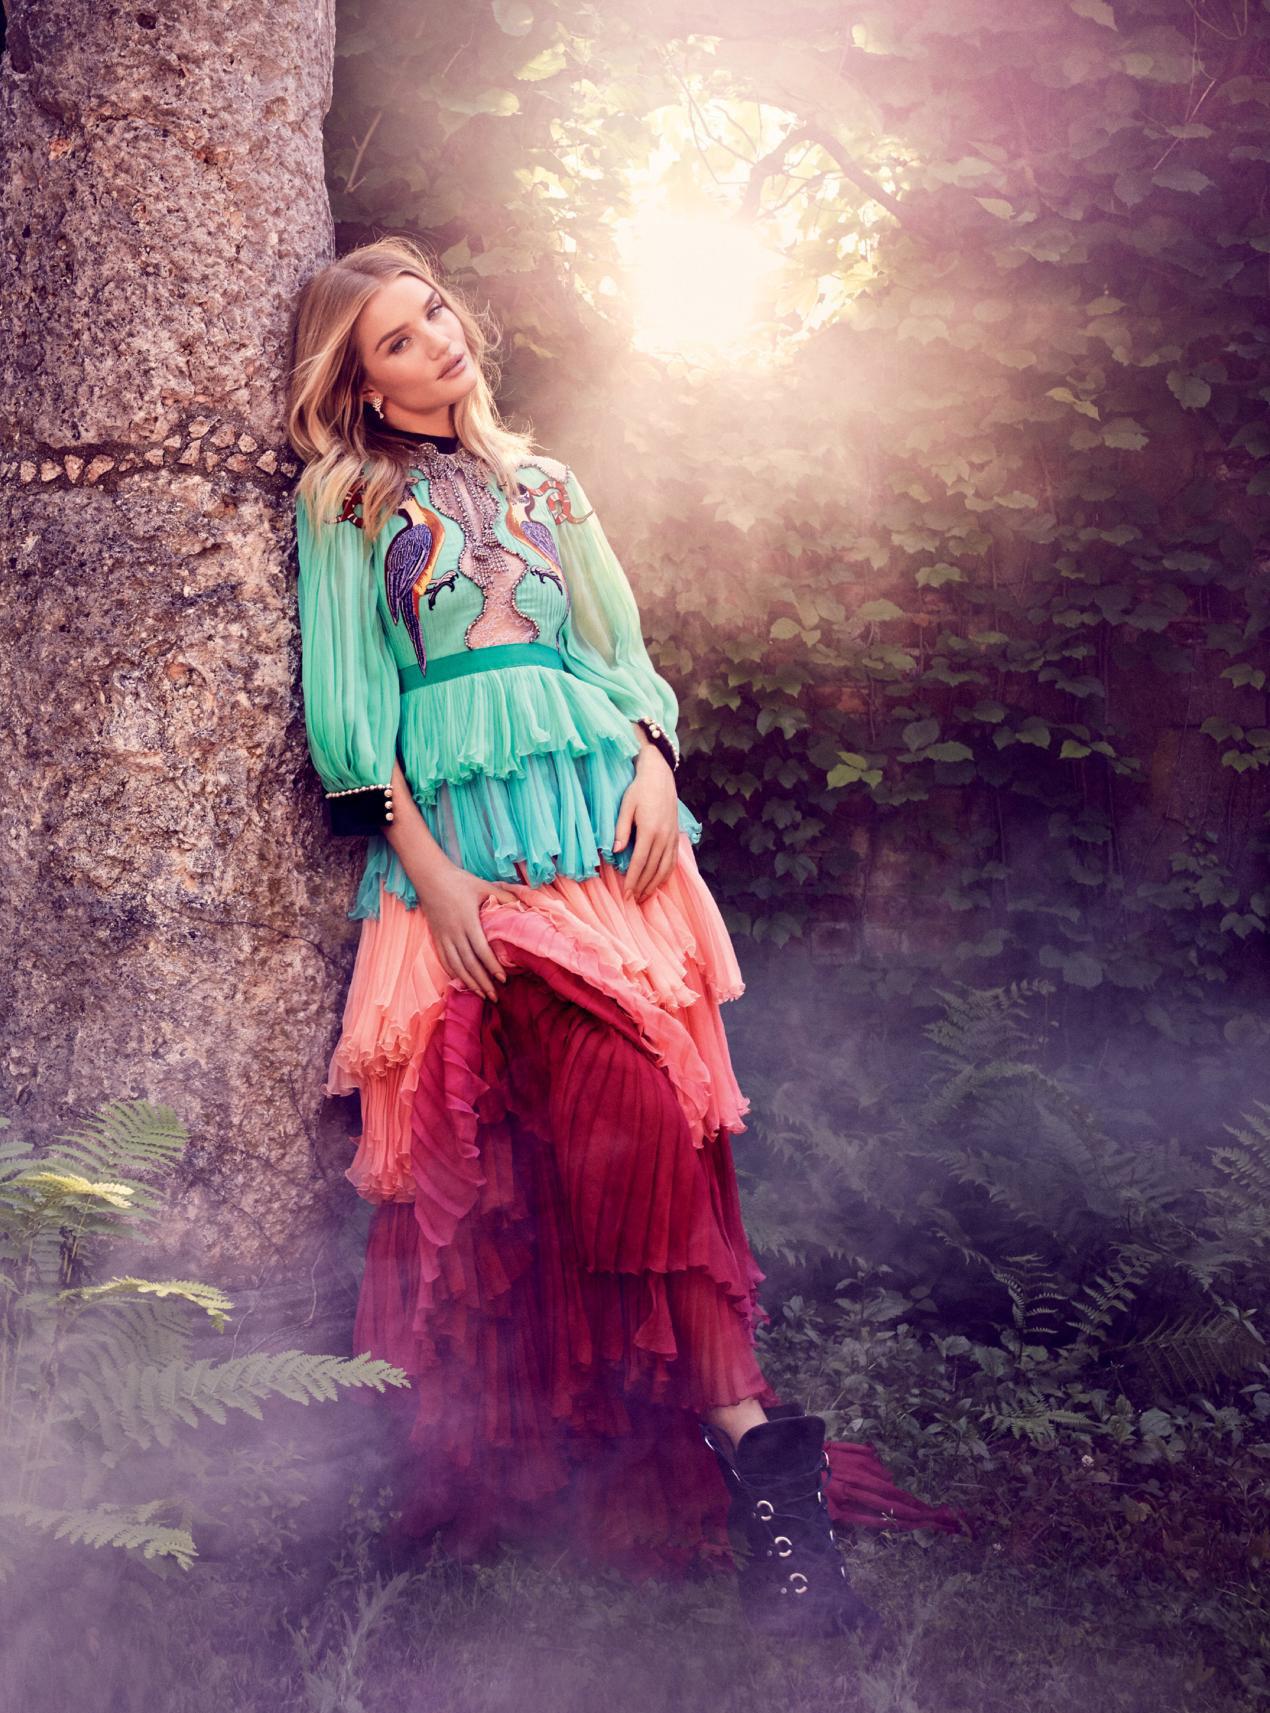 Heart To Heart / Harper's Bazaar UK September 2016 / Rosie Huntington Whiteley / Alexi Lubomirski